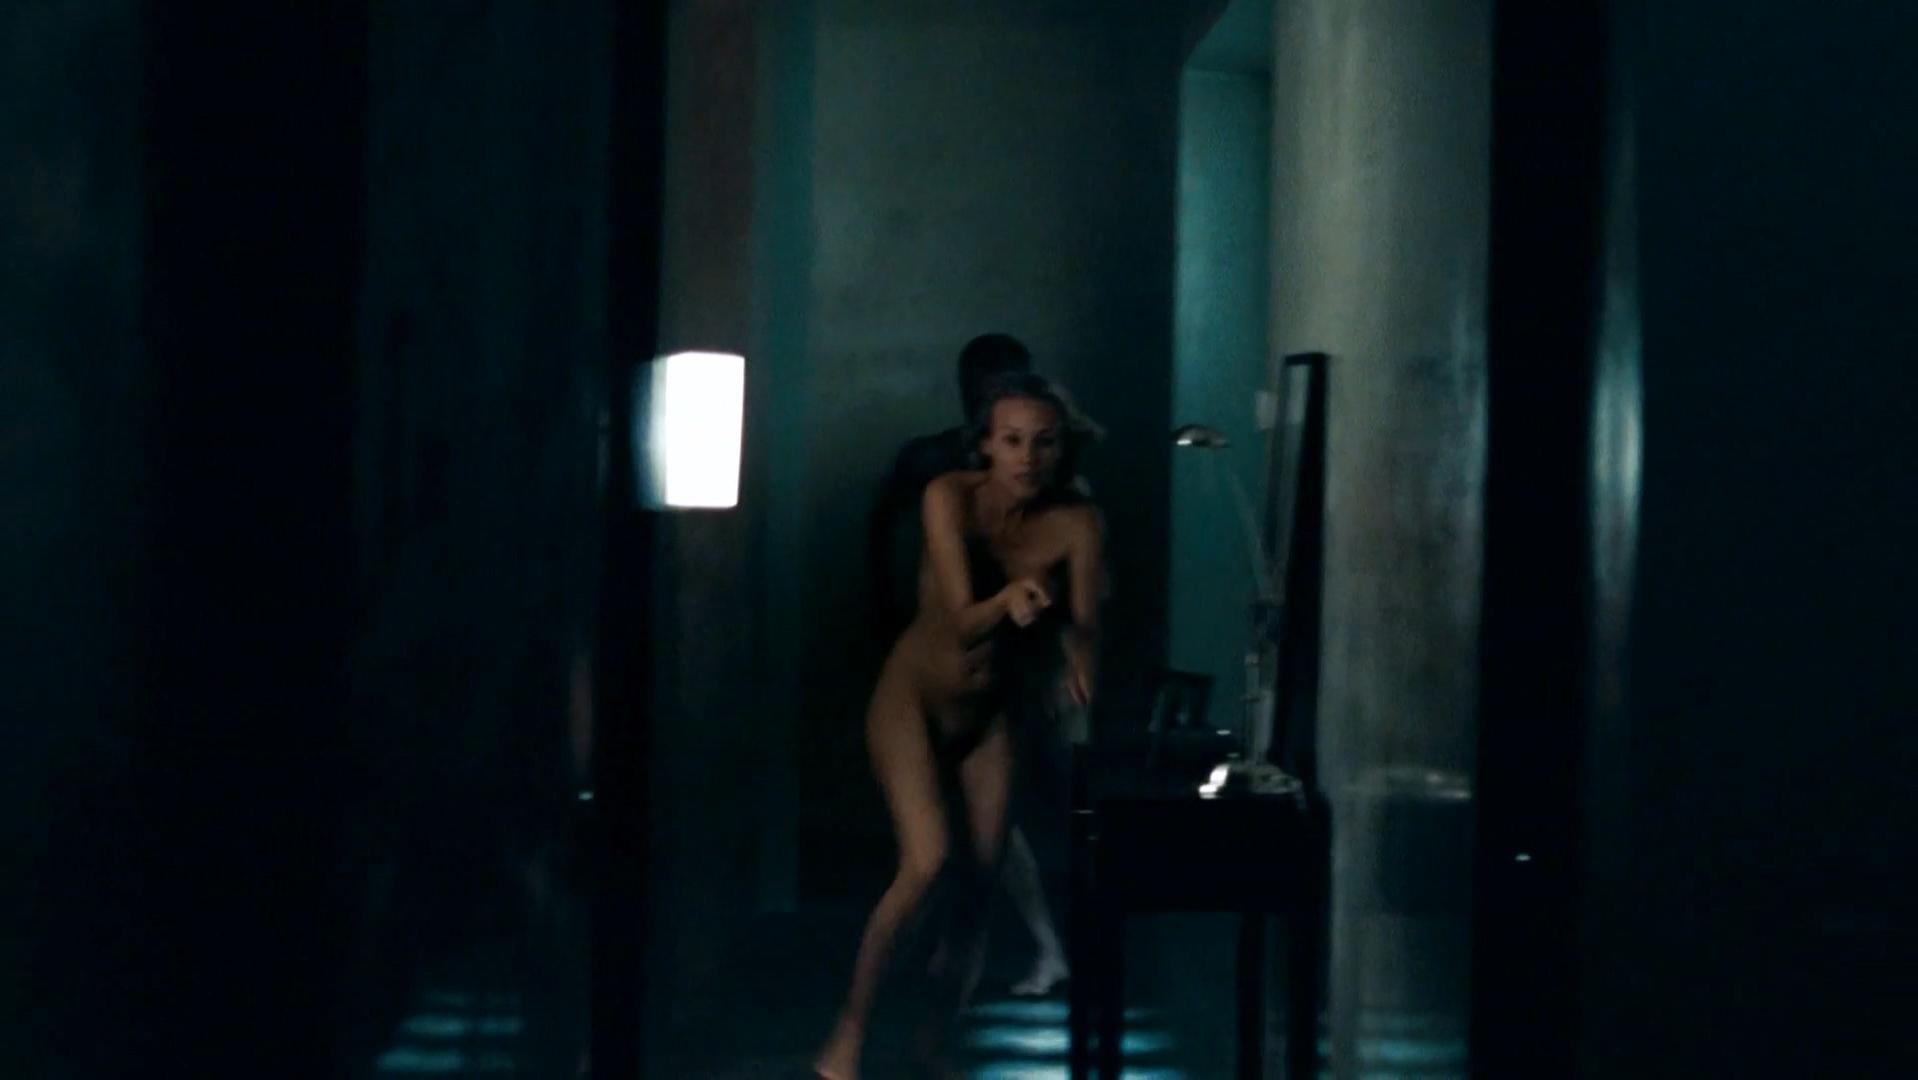 Wild jungle girl nude